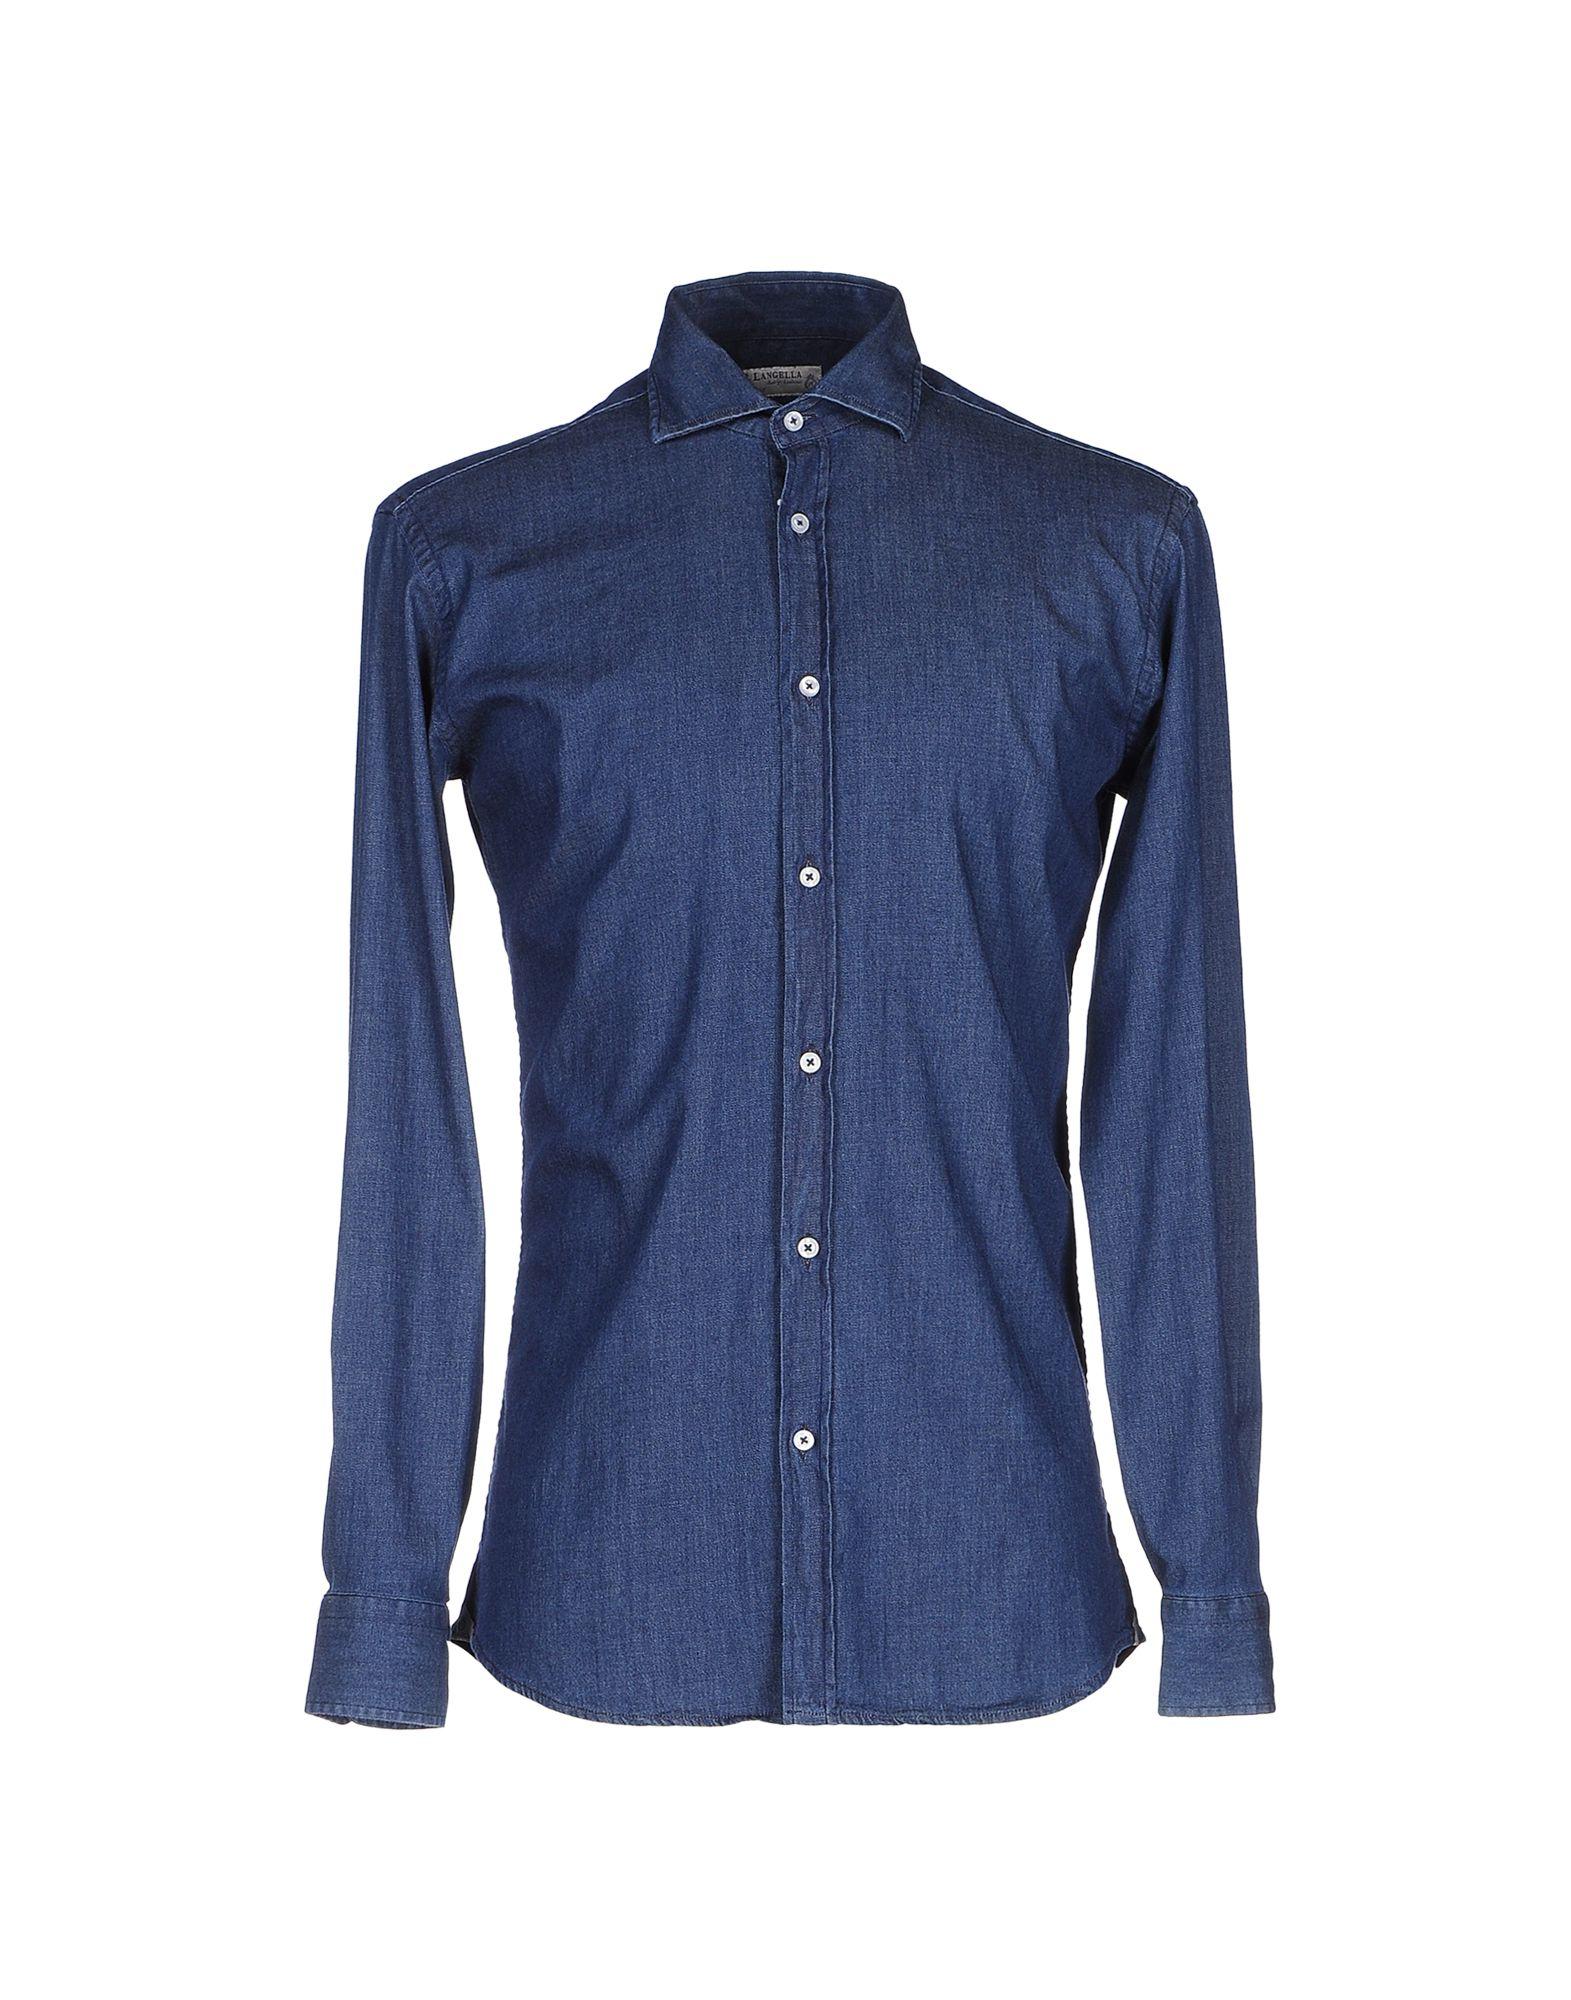 P. LANGELLA Джинсовая рубашка at p co рубашка джинсовая атипико franciacpb33 0915 синий 42